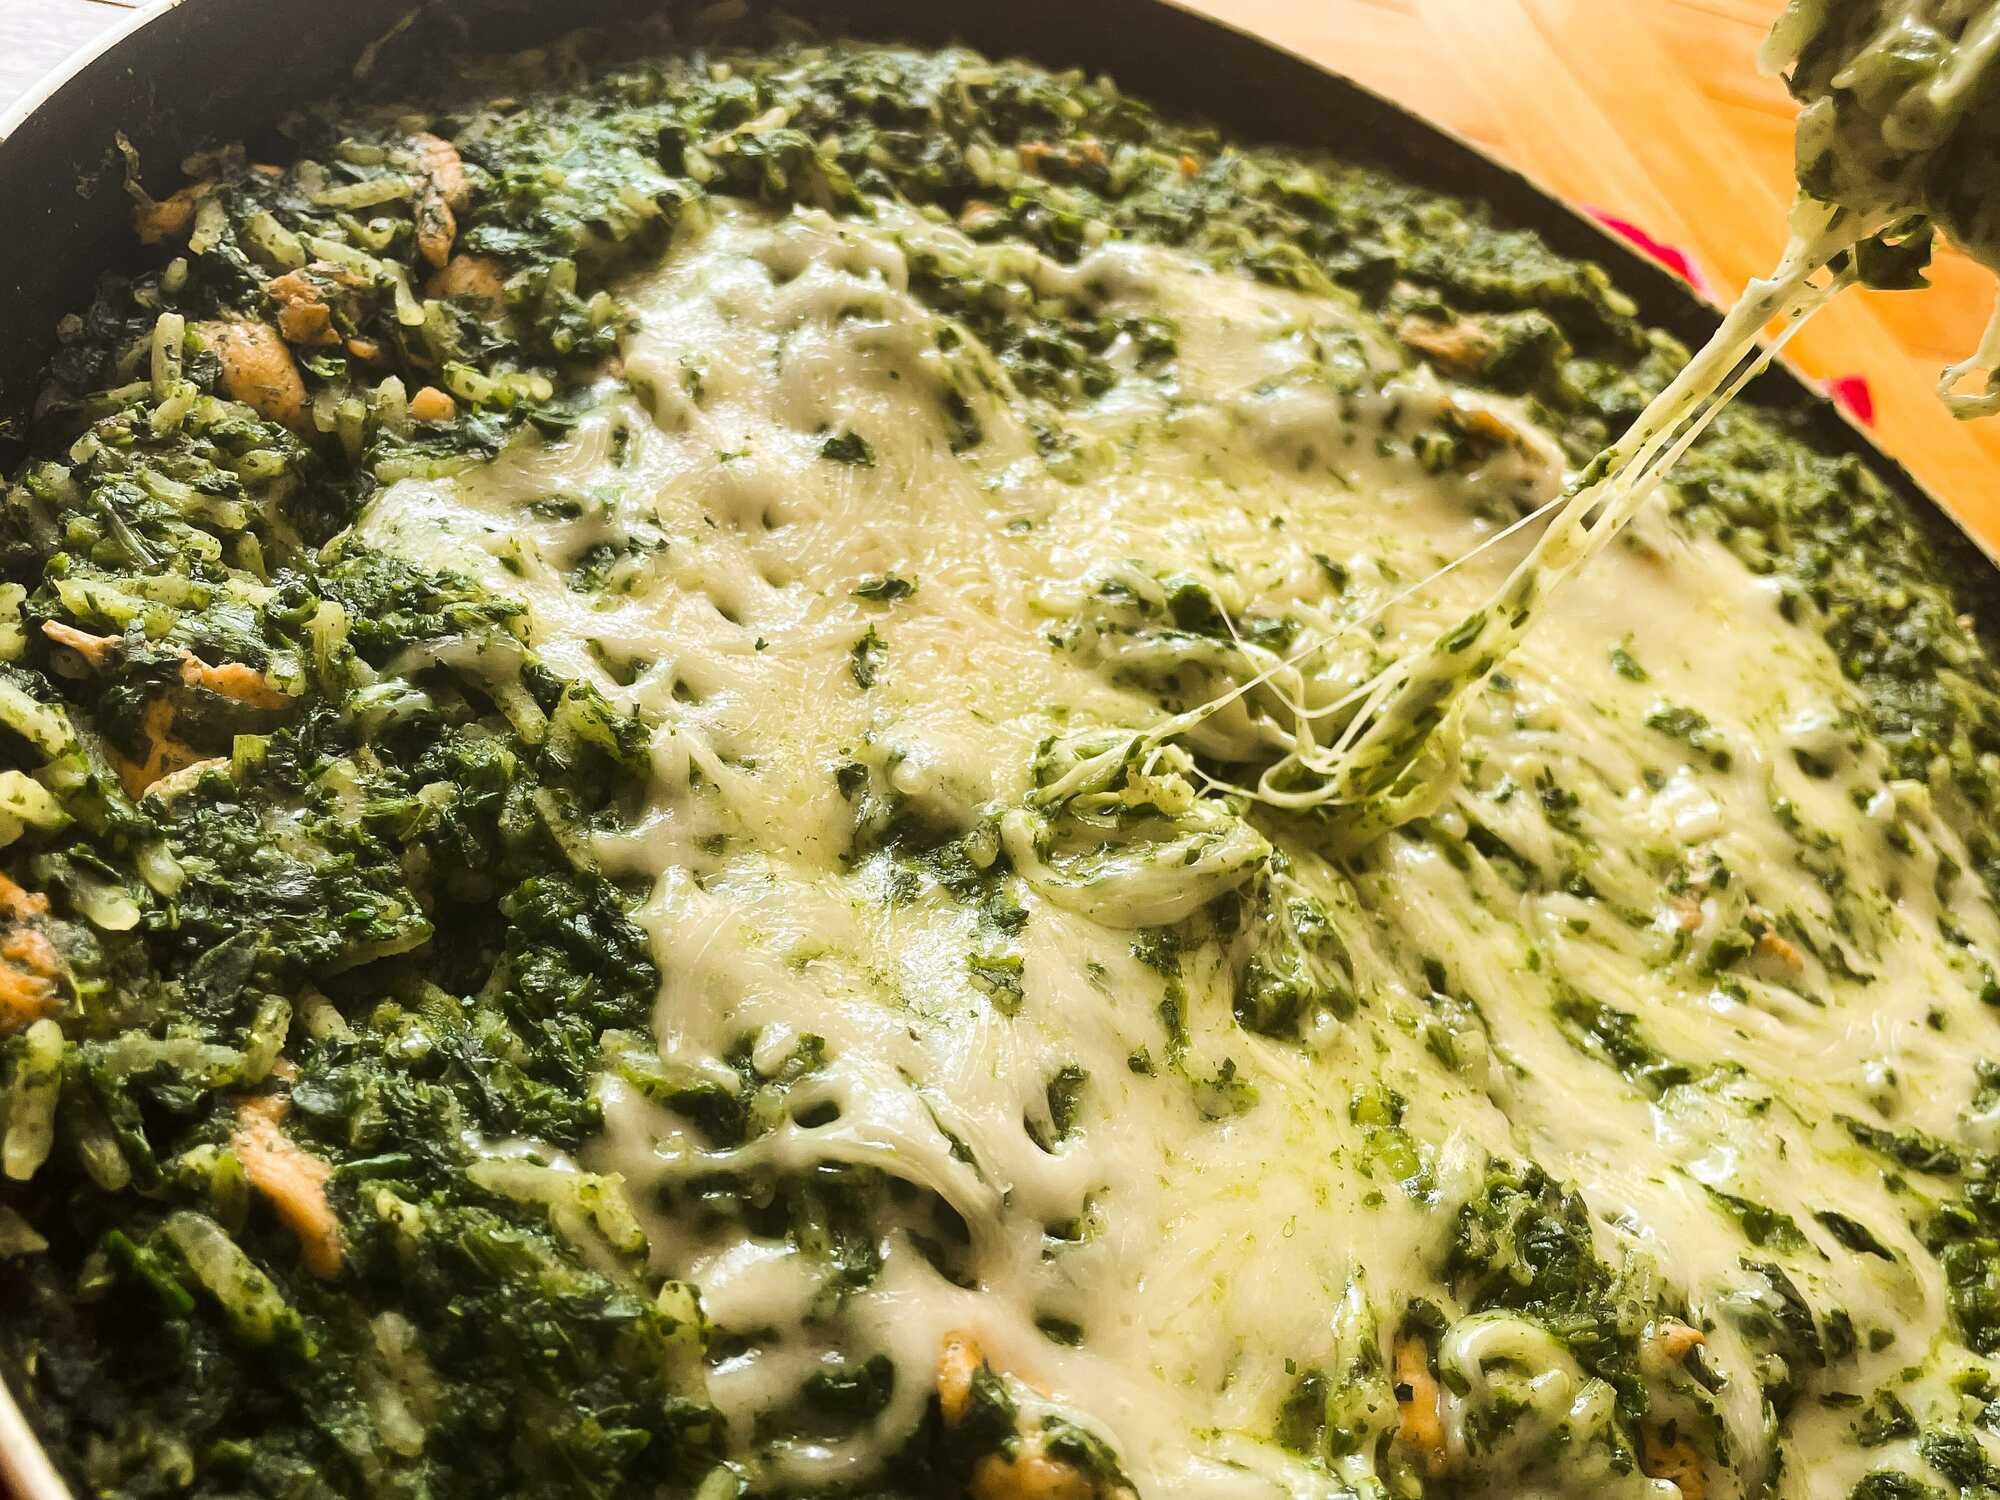 Le riz aux épinards est disposé dans une poêle avec un coeur de fromage fondant.